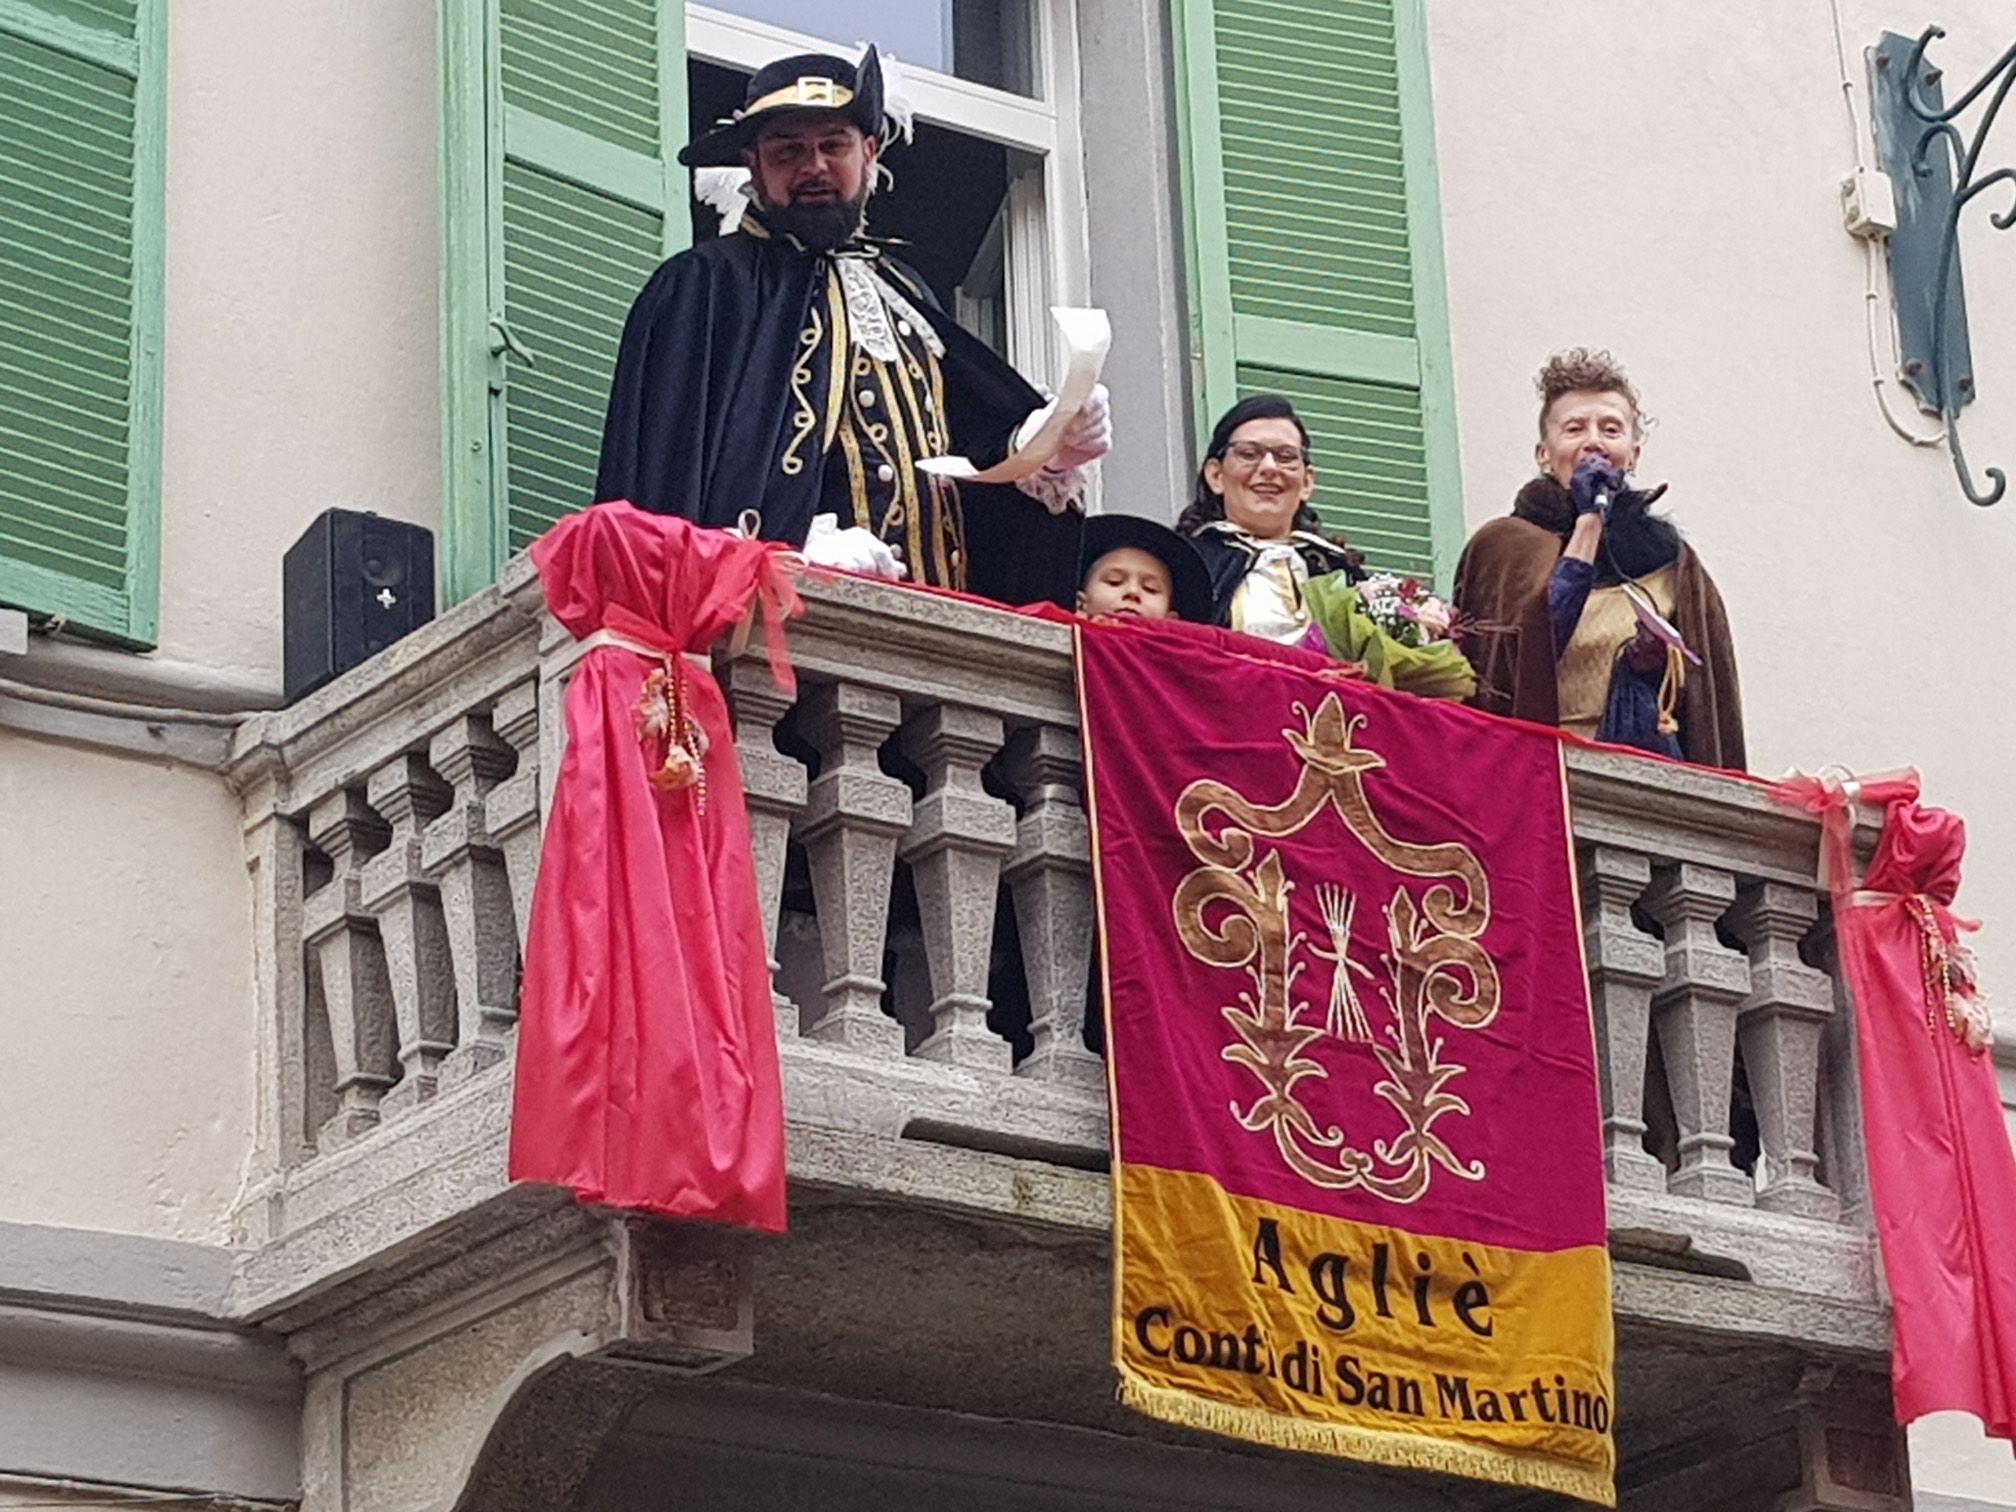 AGLIE' - Ecco i Conti di San Martino 2019 dello Storico Carnevale alladiese - FOTO e VIDEO